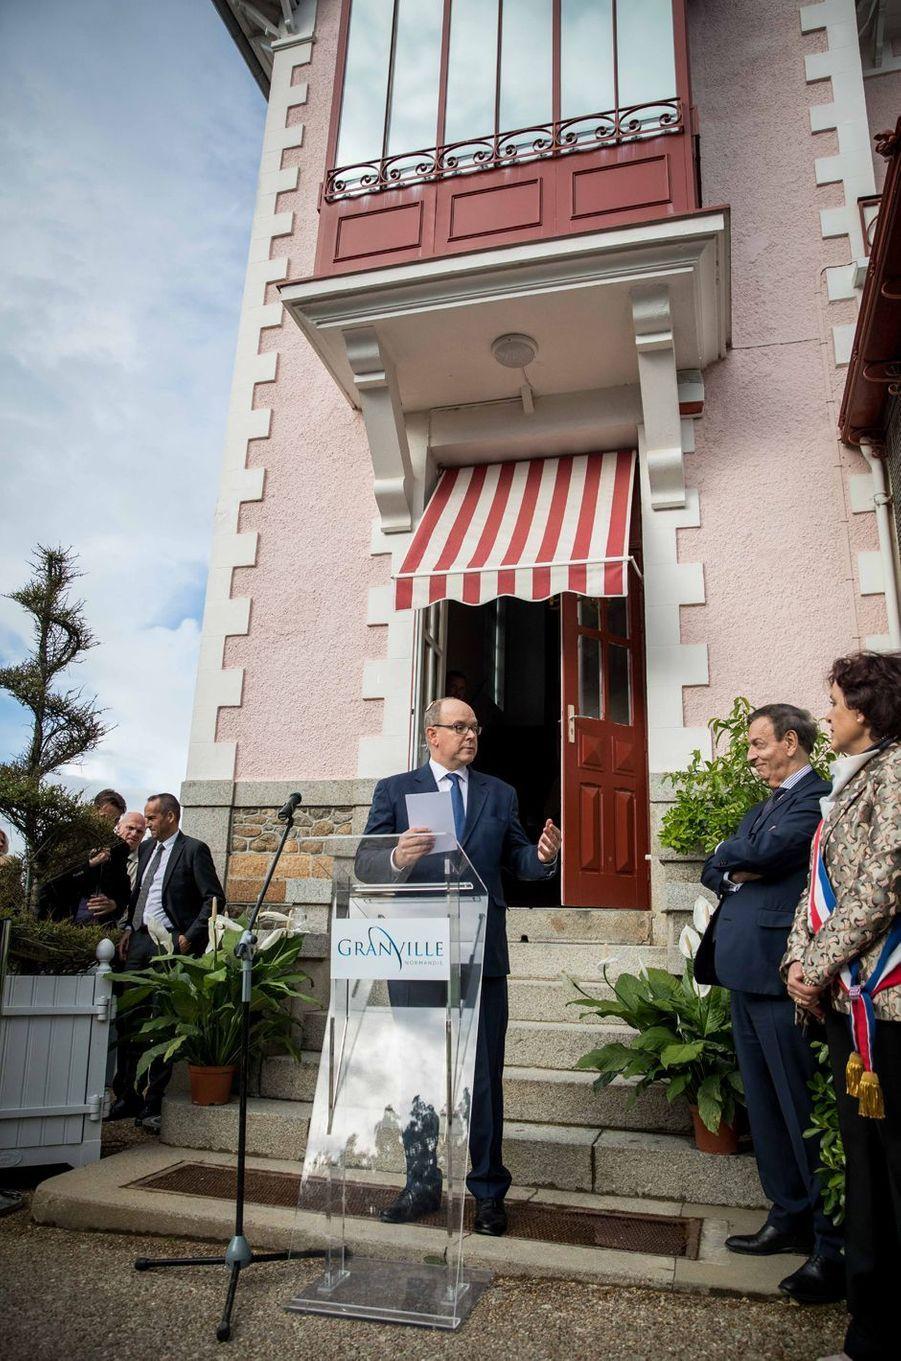 """Le prince Albert II de Monaco inaugure l'exposition """"Grace de Monaco princesse en Dior"""" au musée Christian Dior à Granville, le 25 avril 2019"""